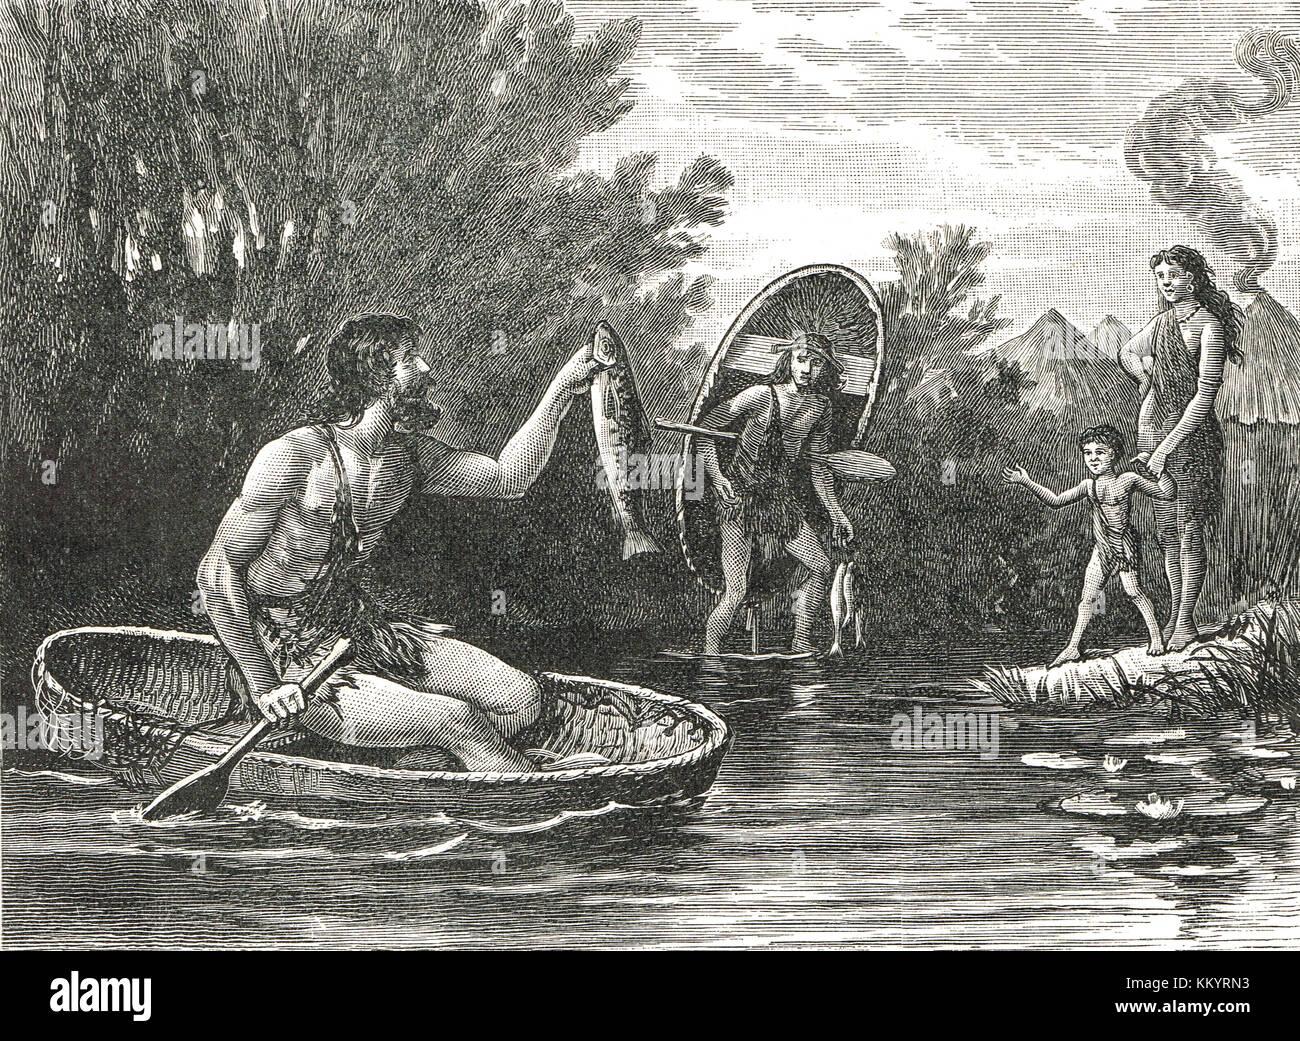 Alten Briten mit coracles, ad62 Stockbild